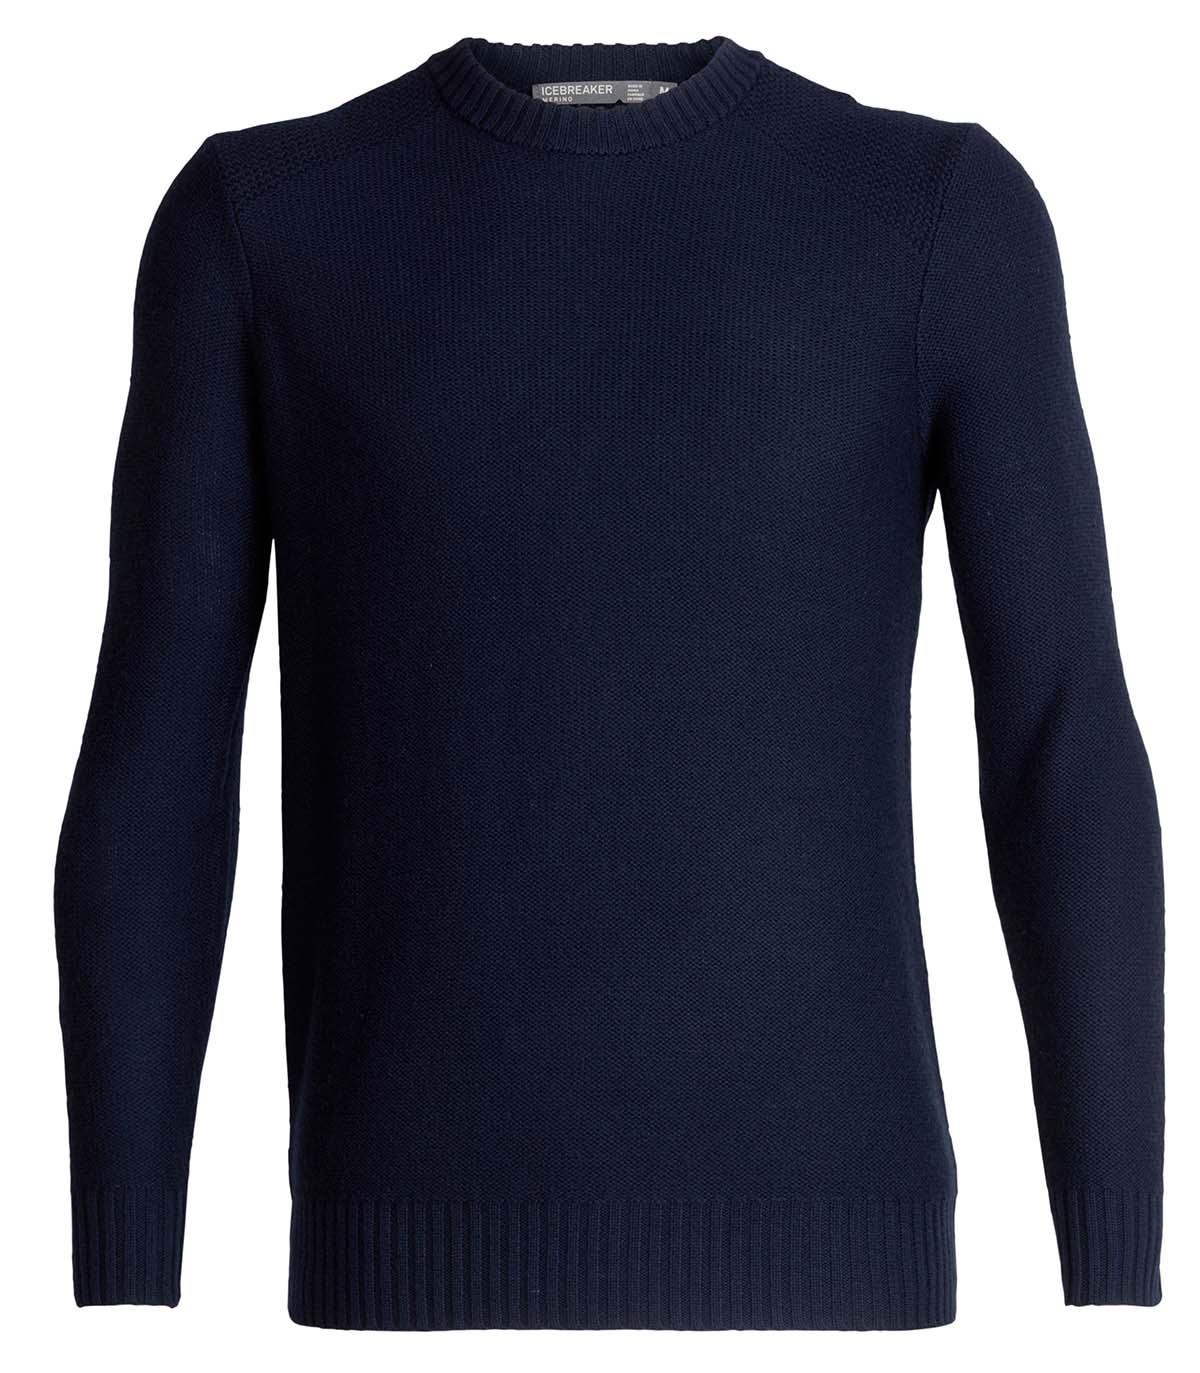 Waypoint Crewe Sweater Men